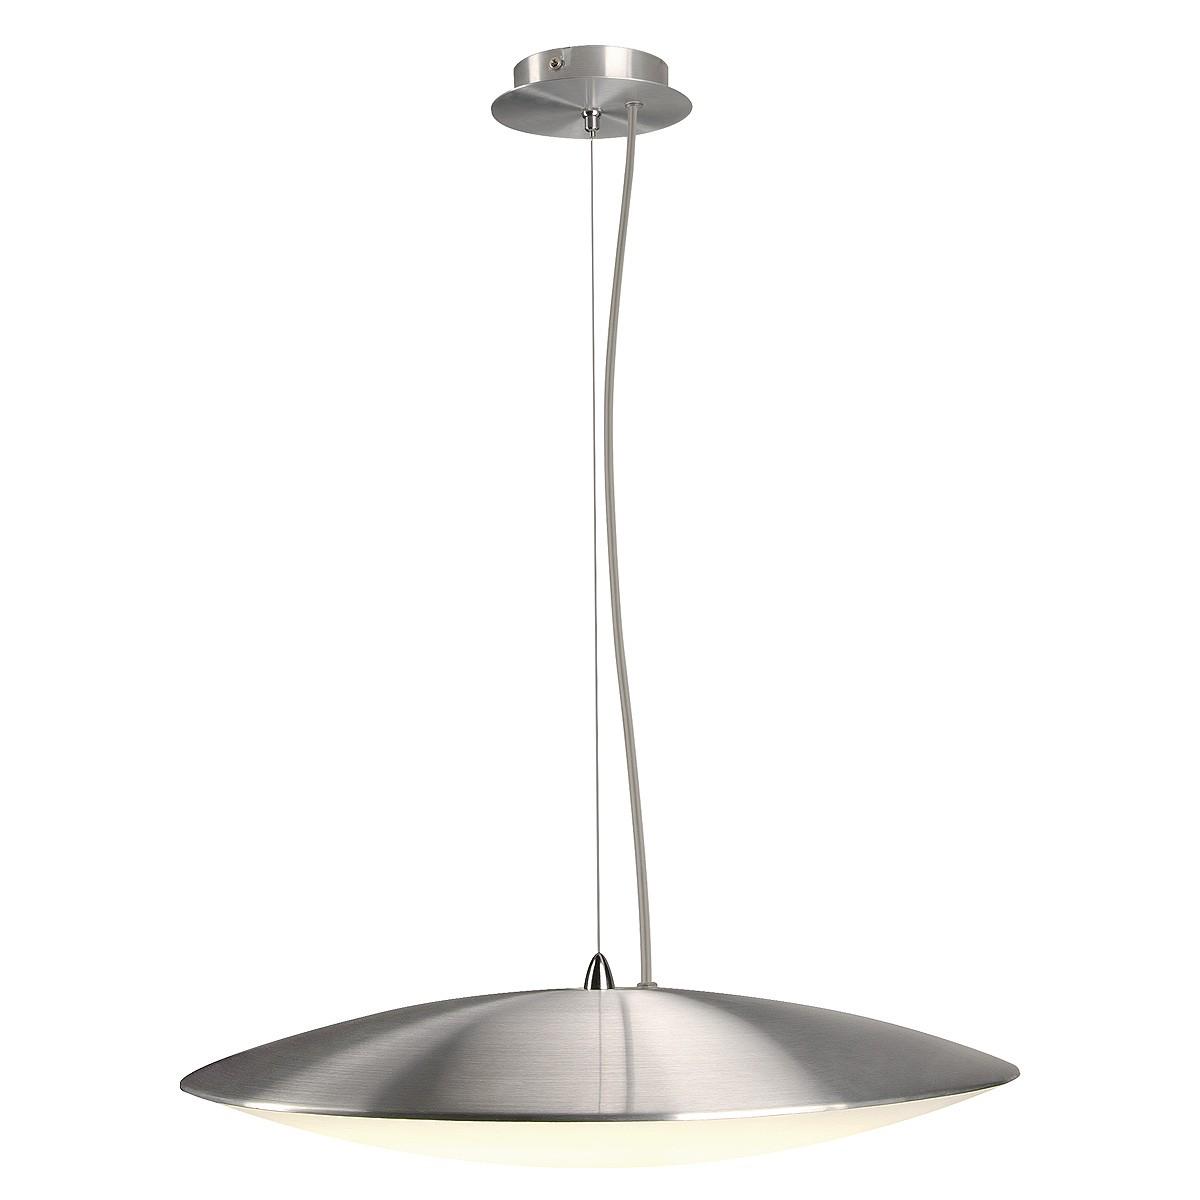 INTALITE ELSU Ceiling Light Pendant Canopy Aluminium 32W